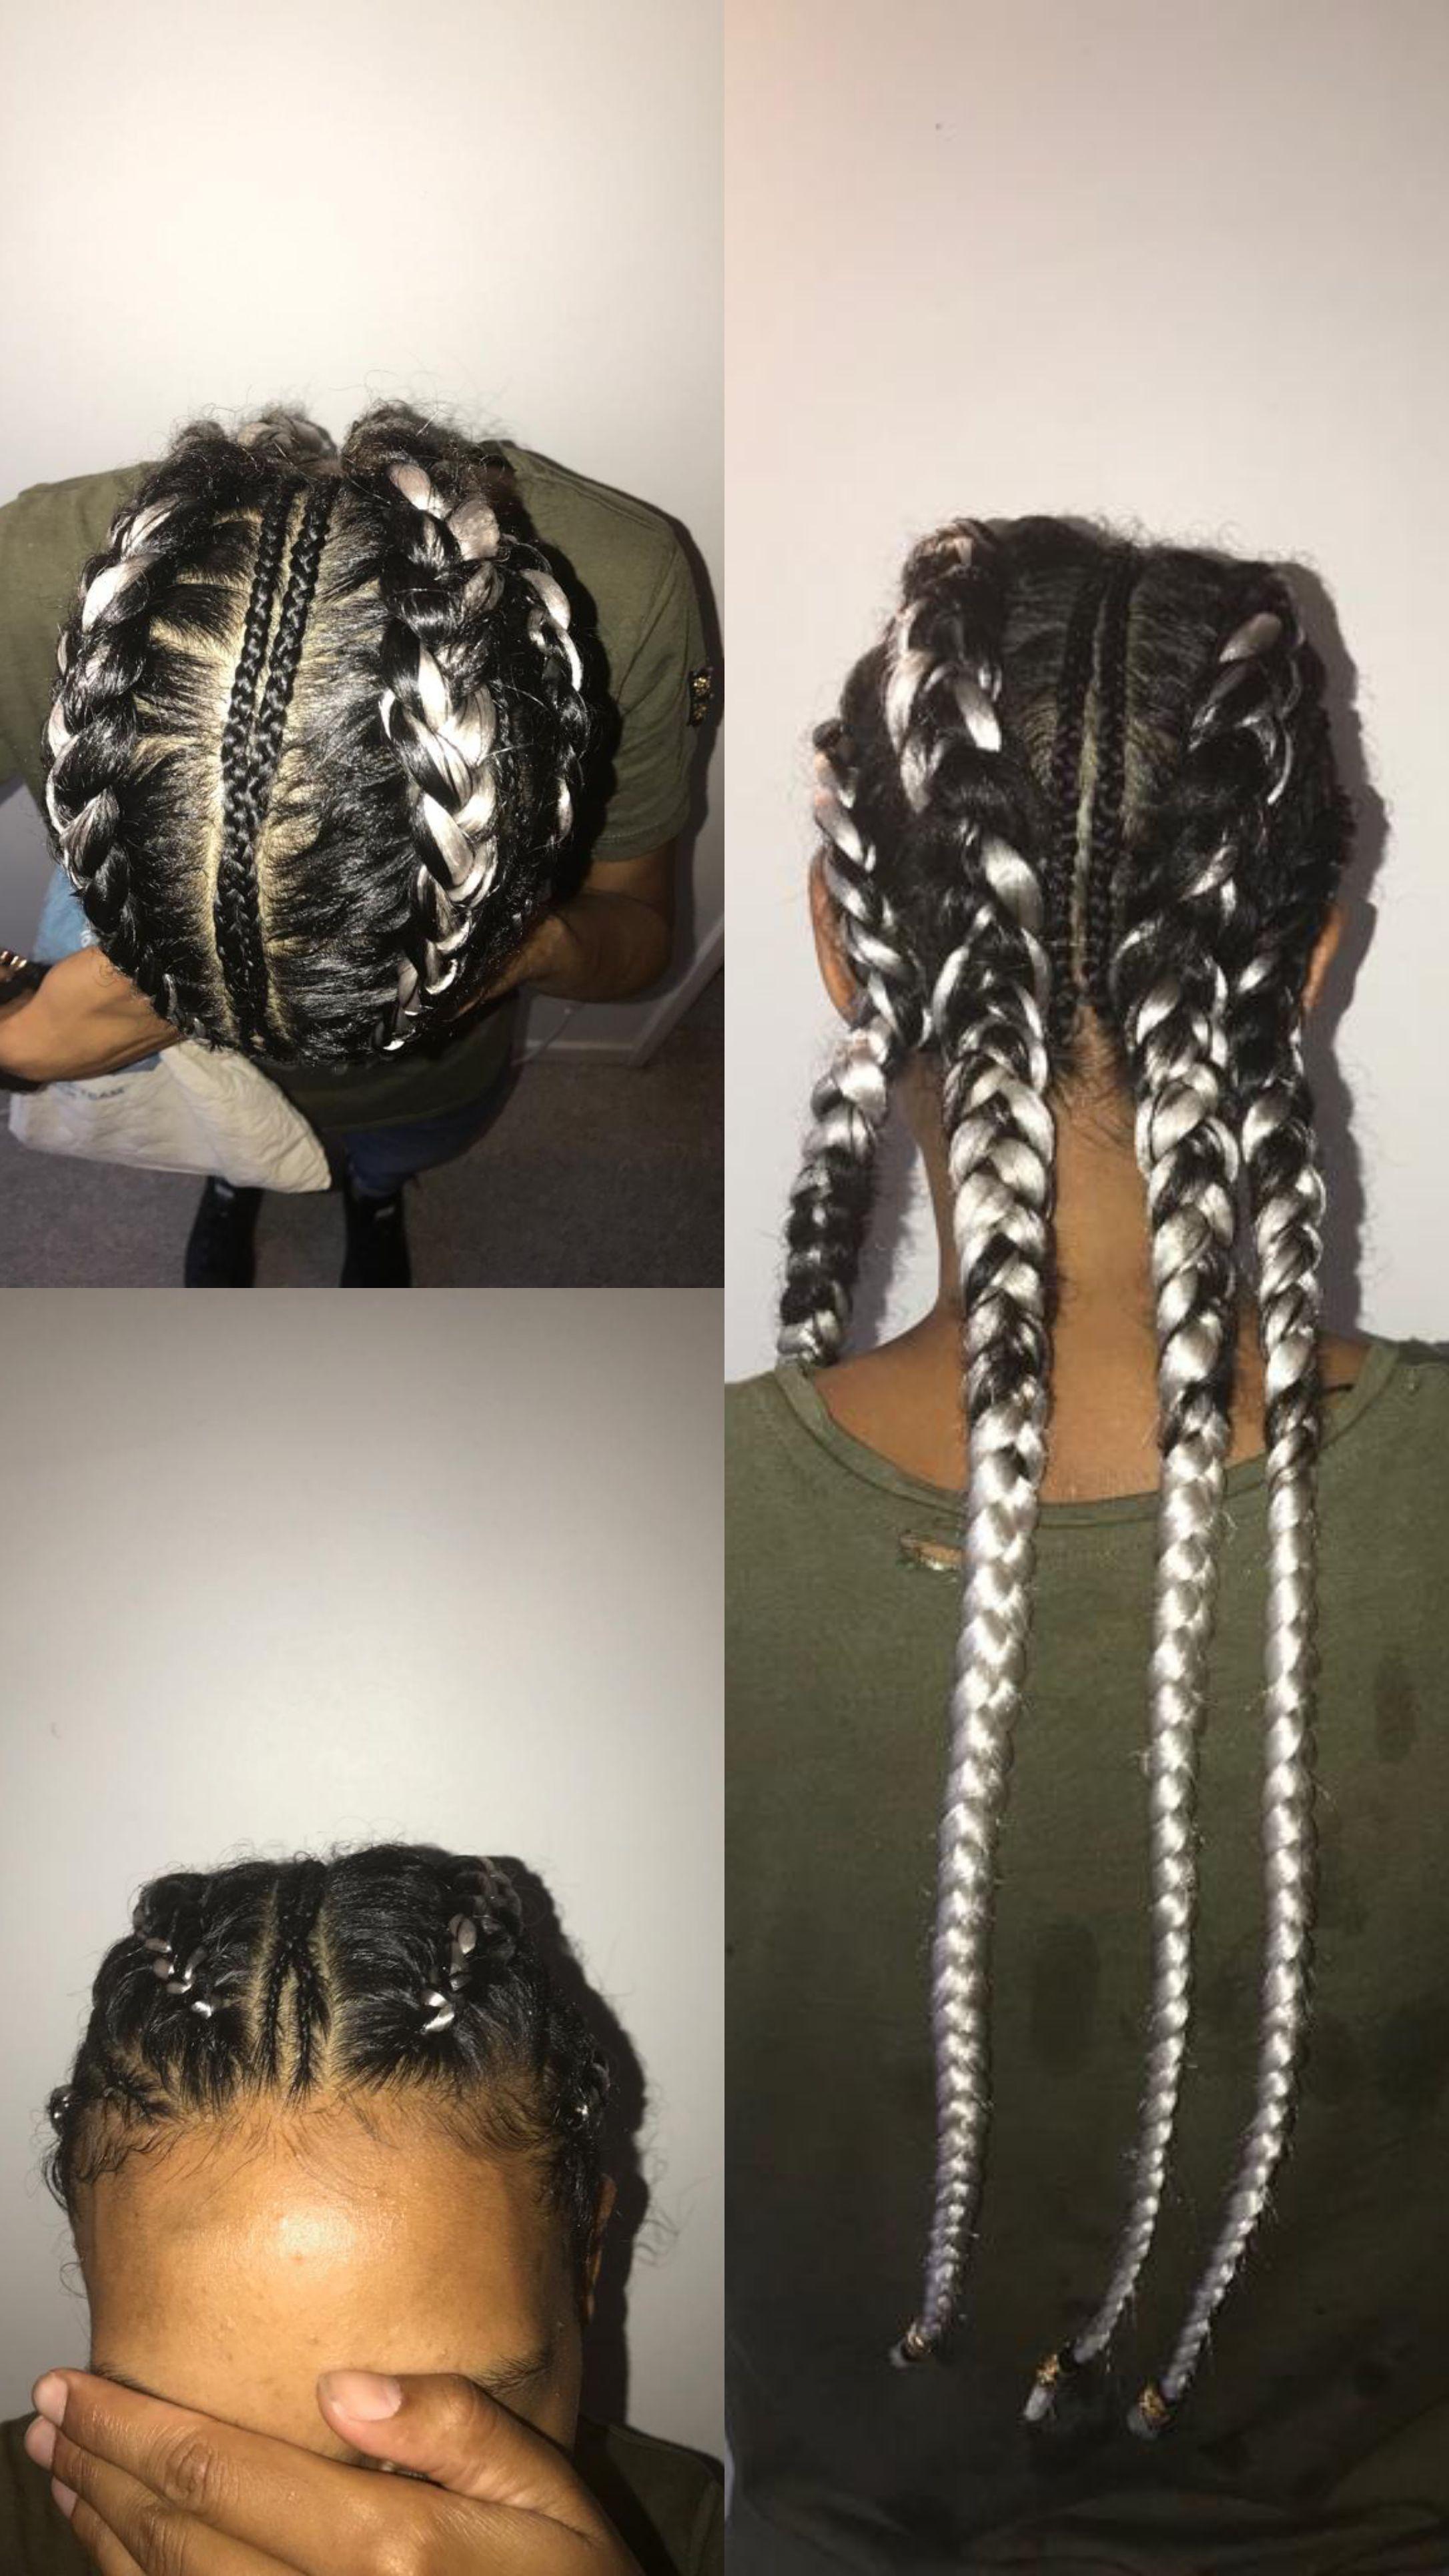 salon de coiffure afro tresse tresses box braids crochet braids vanilles tissages paris 75 77 78 91 92 93 94 95 EKYMDYWL